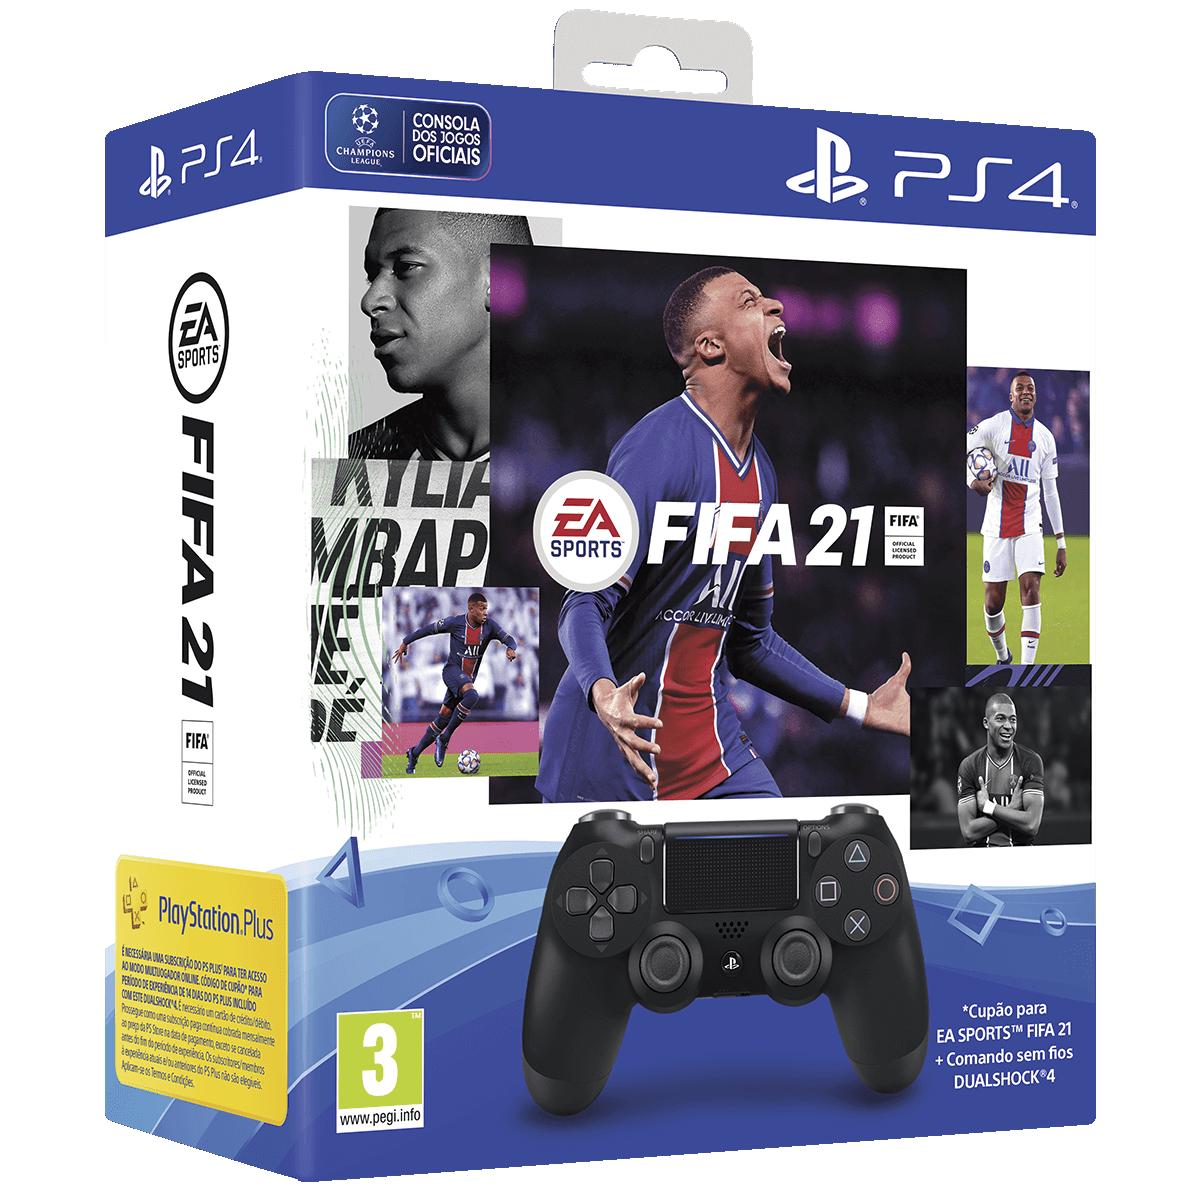 Imagem do conjunto FIFA 21 DS4